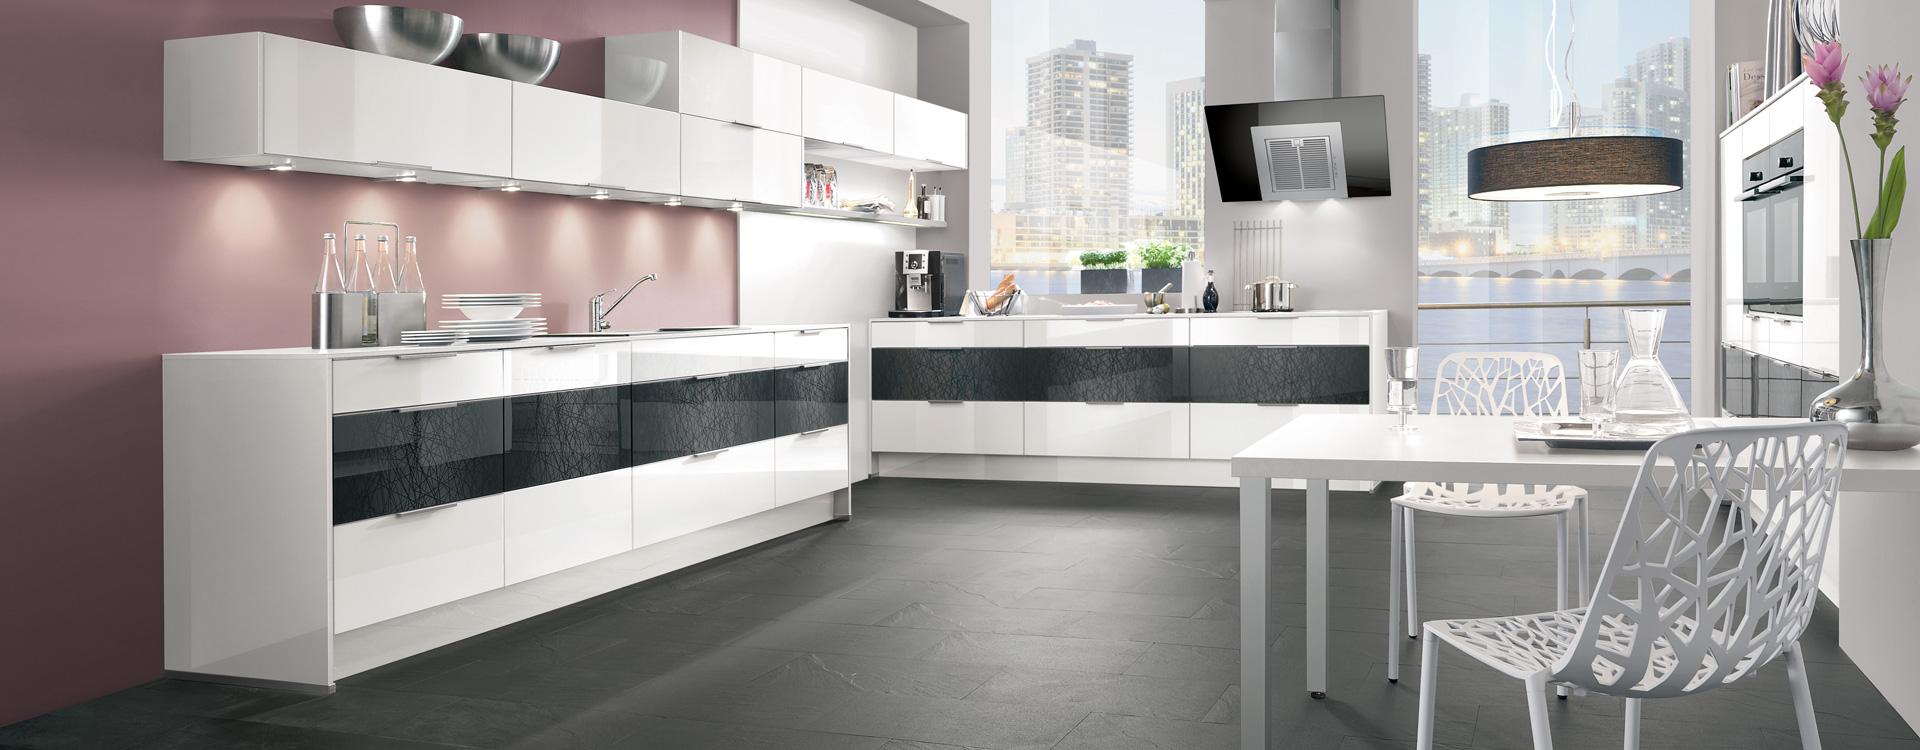 Zweiteilige Küchenplanung weiß Hochglanz